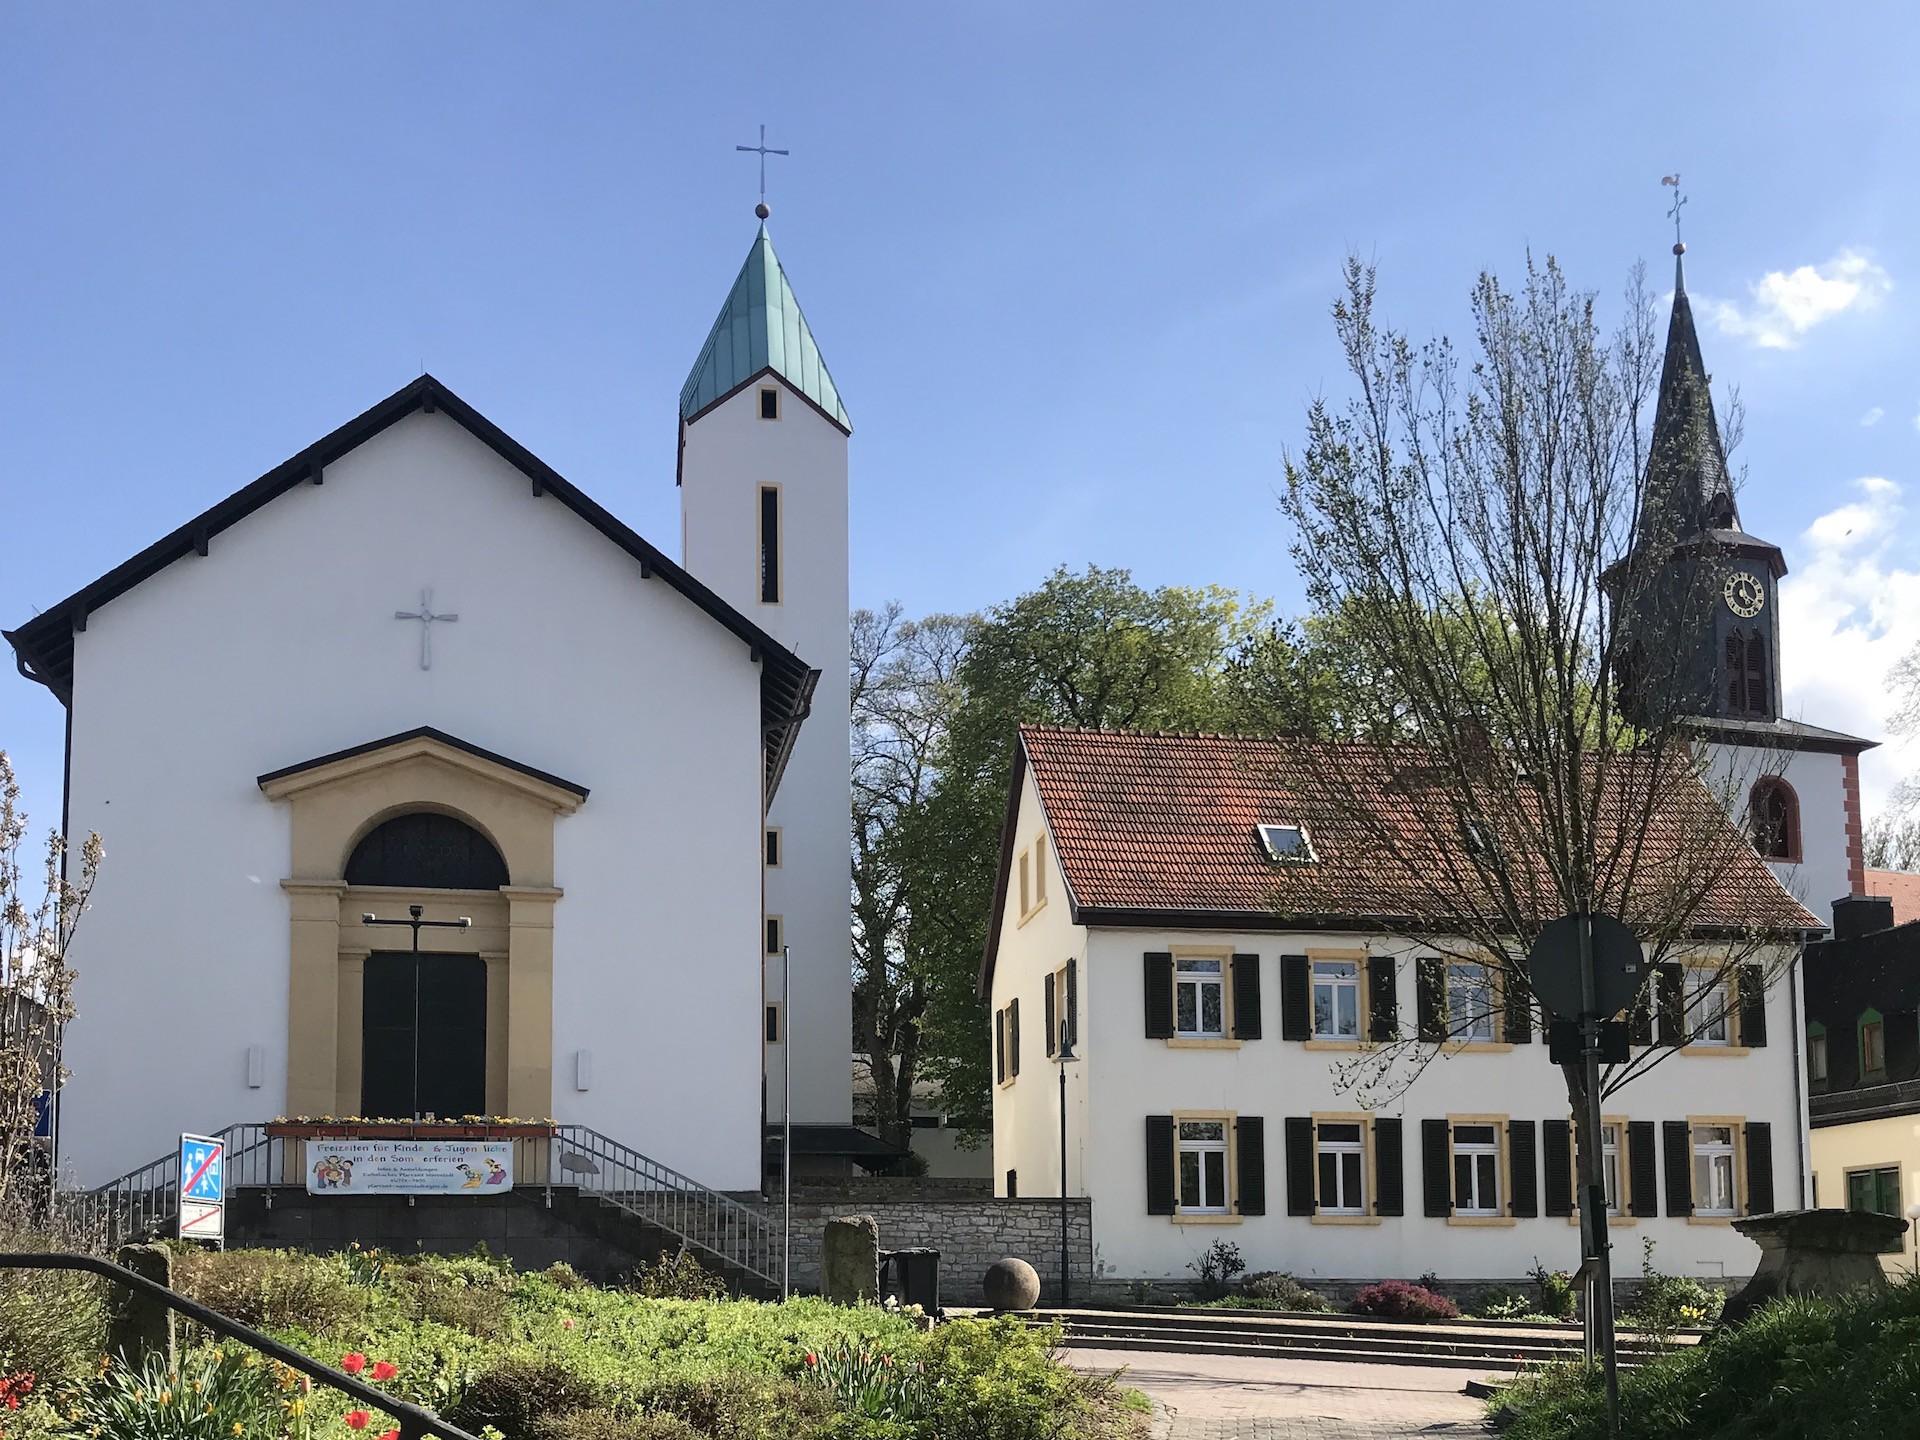 Katholische Kirche in Wörrstadt